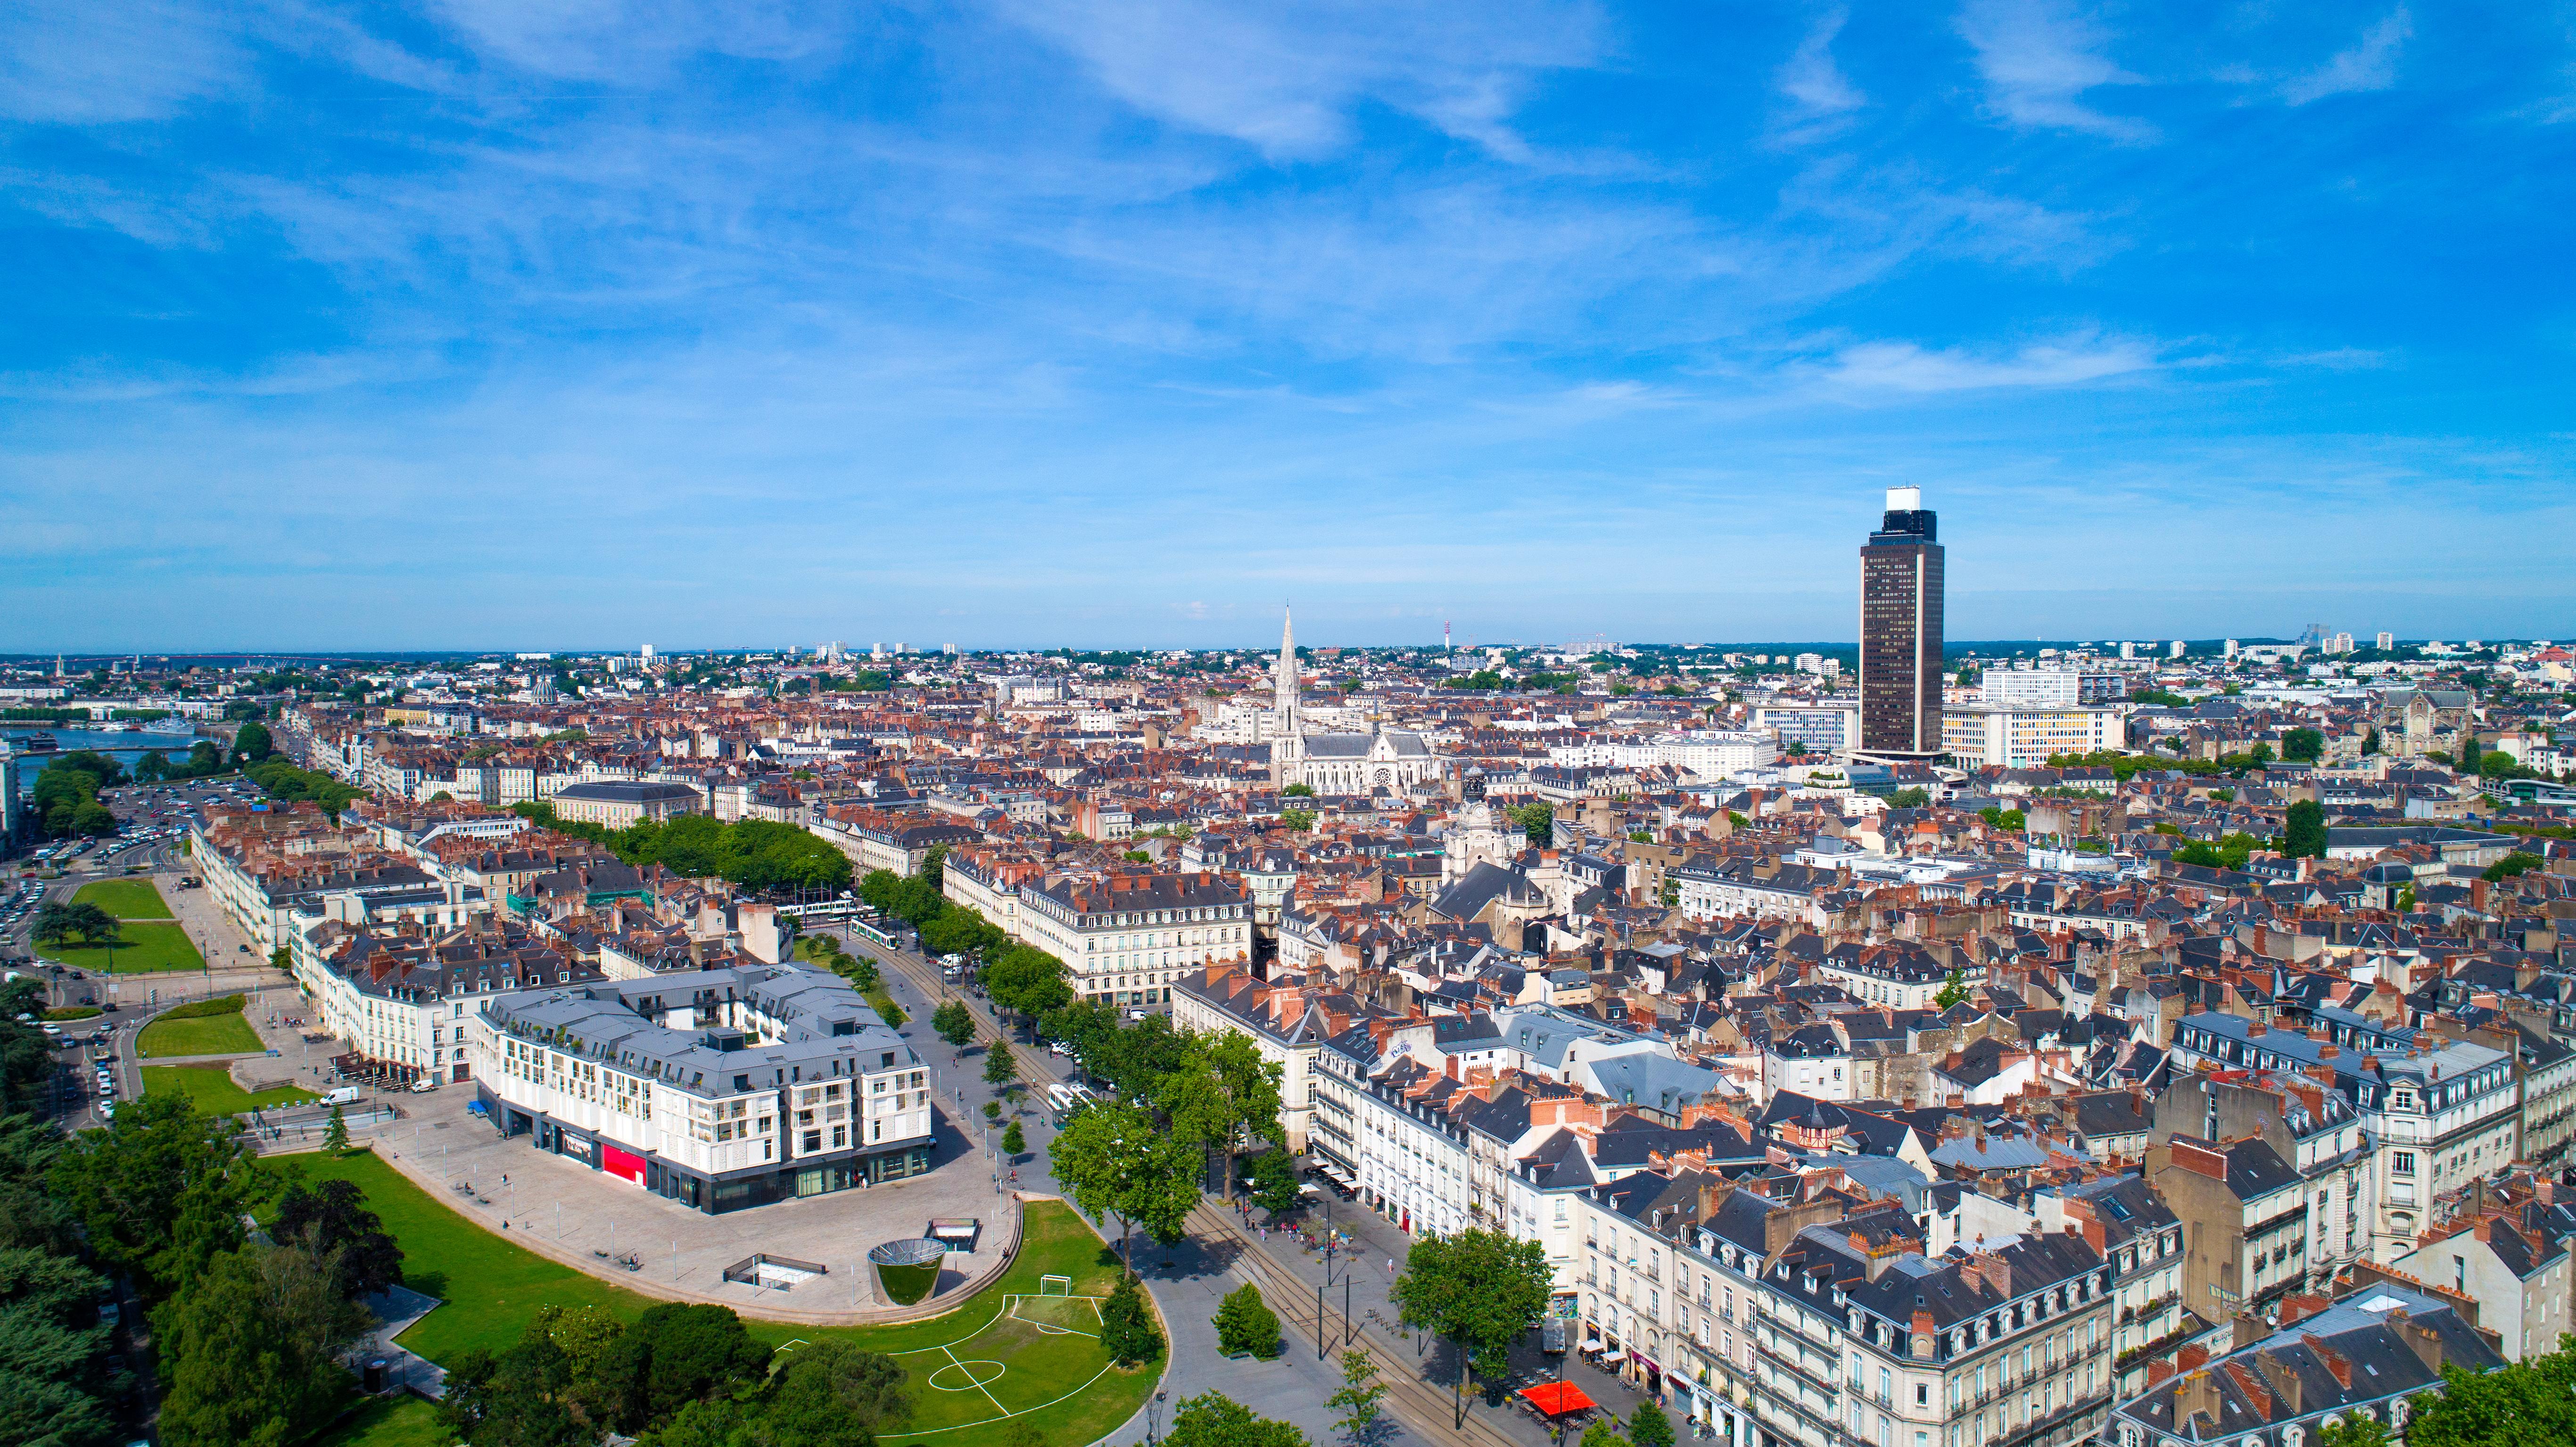 La experiencia de subir a la Torre Bretaña en Nantes - Francia Circuito Gran Tour de Normandia y Bretaña